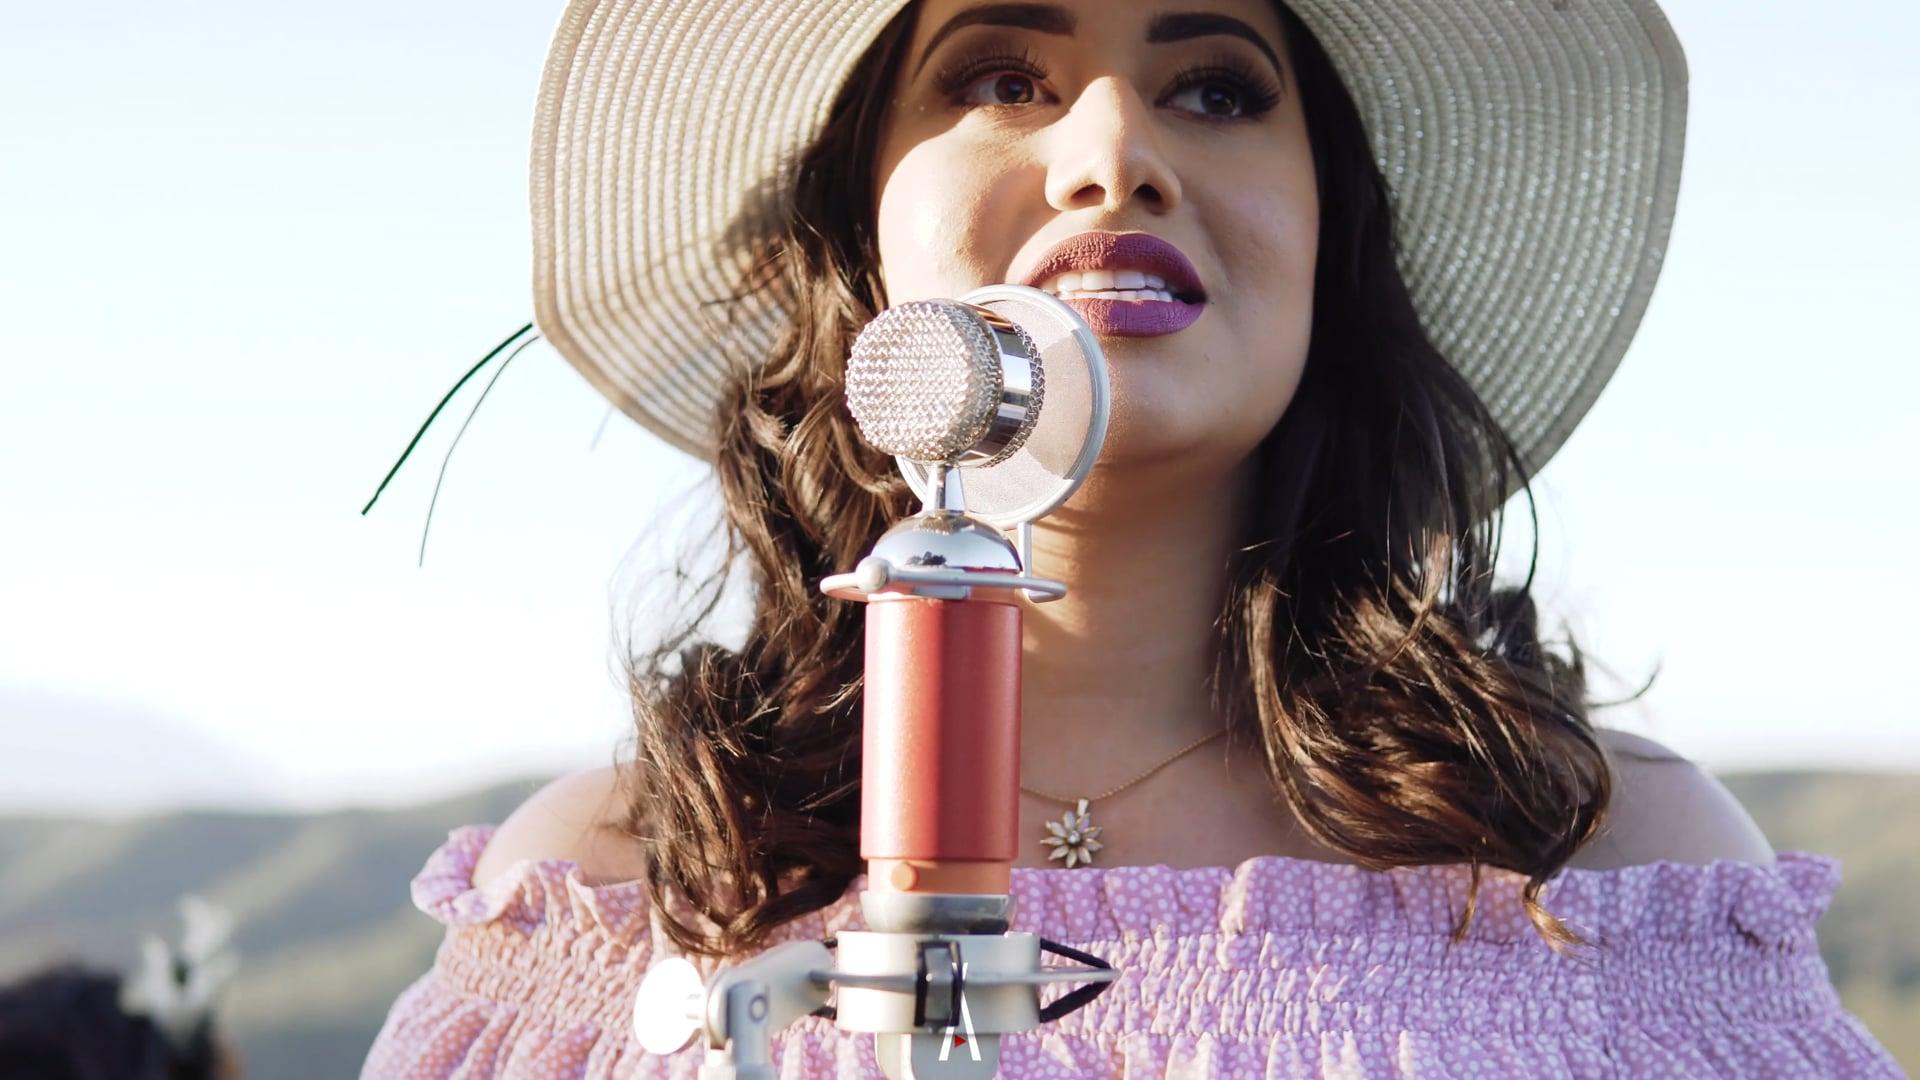 Nahara Maciel - Can't Help Falling In Love | Elvis Presley